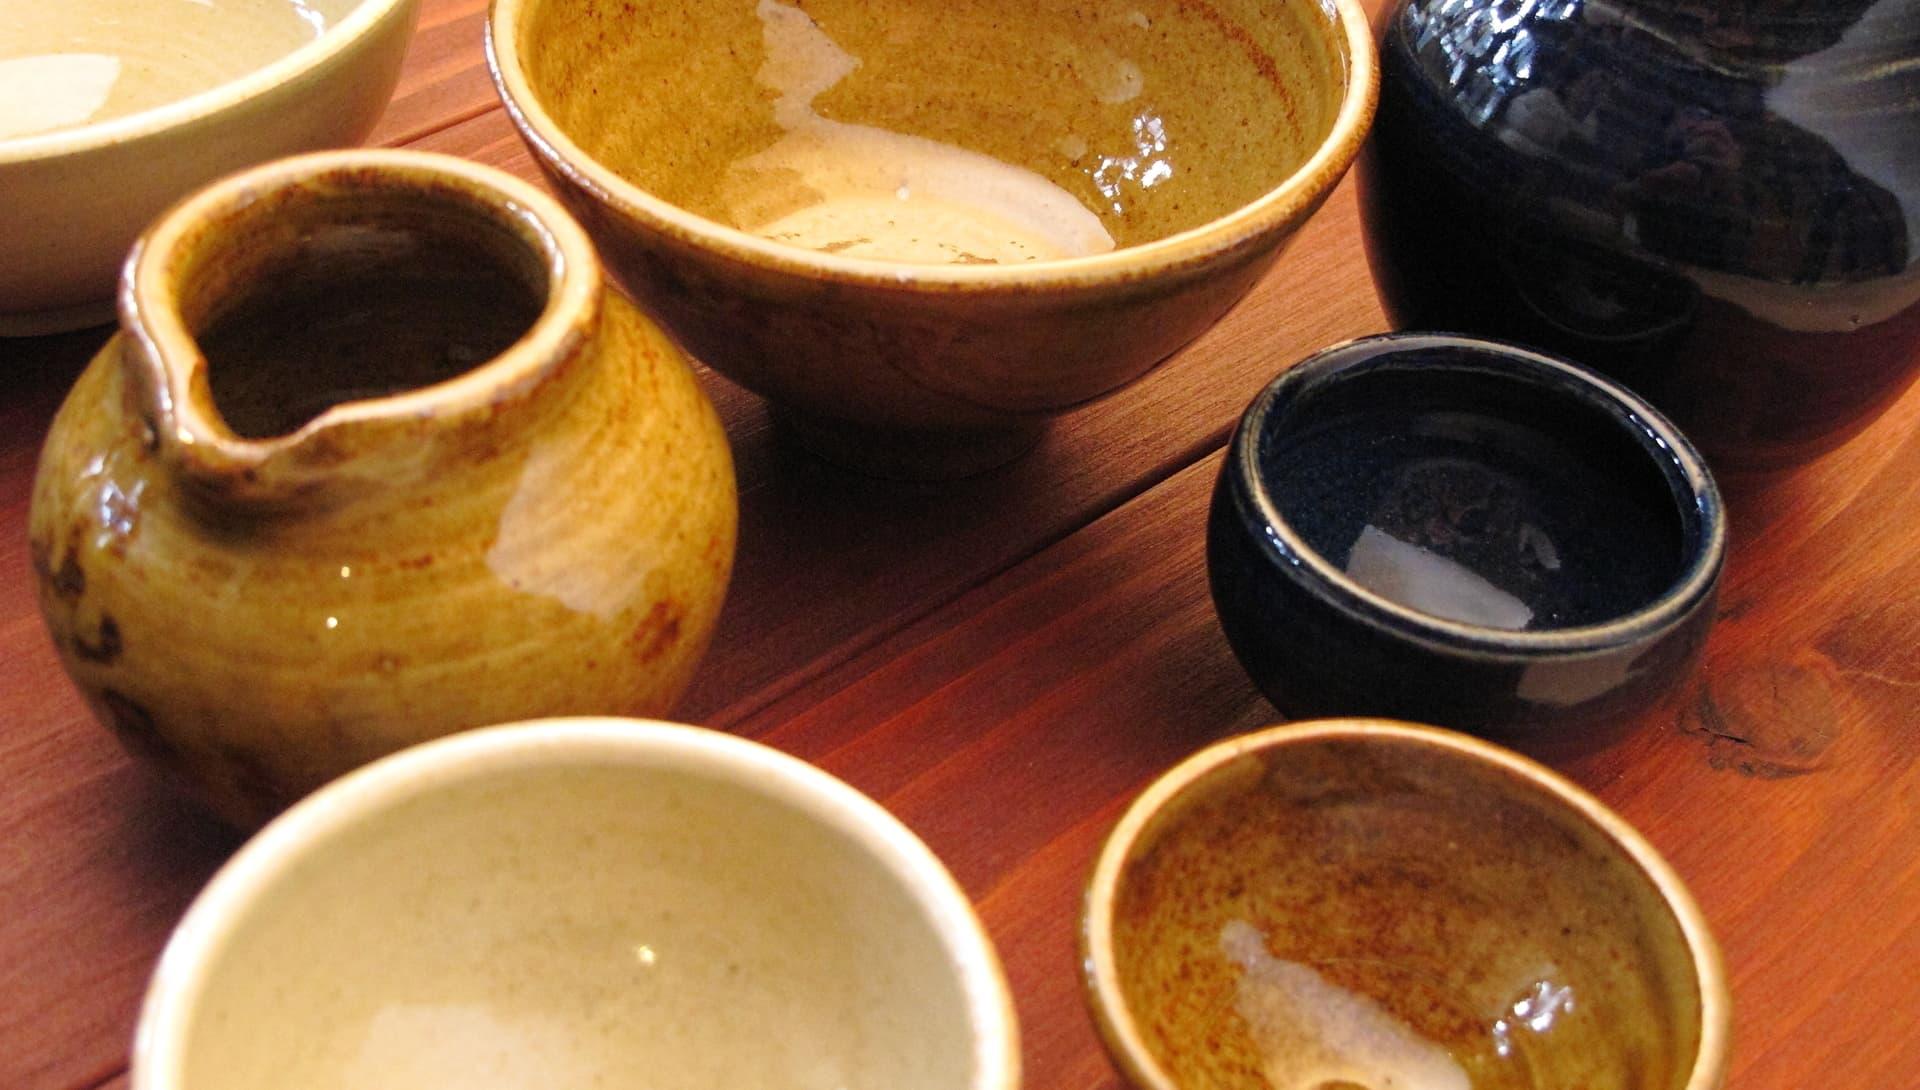 選べる粘土は2種類。選べる釉薬(色)は9種類。いろいろ選べるからオリジナルの作品作りが楽しめますよ!(画像は電動ロクロで作成した作品です)